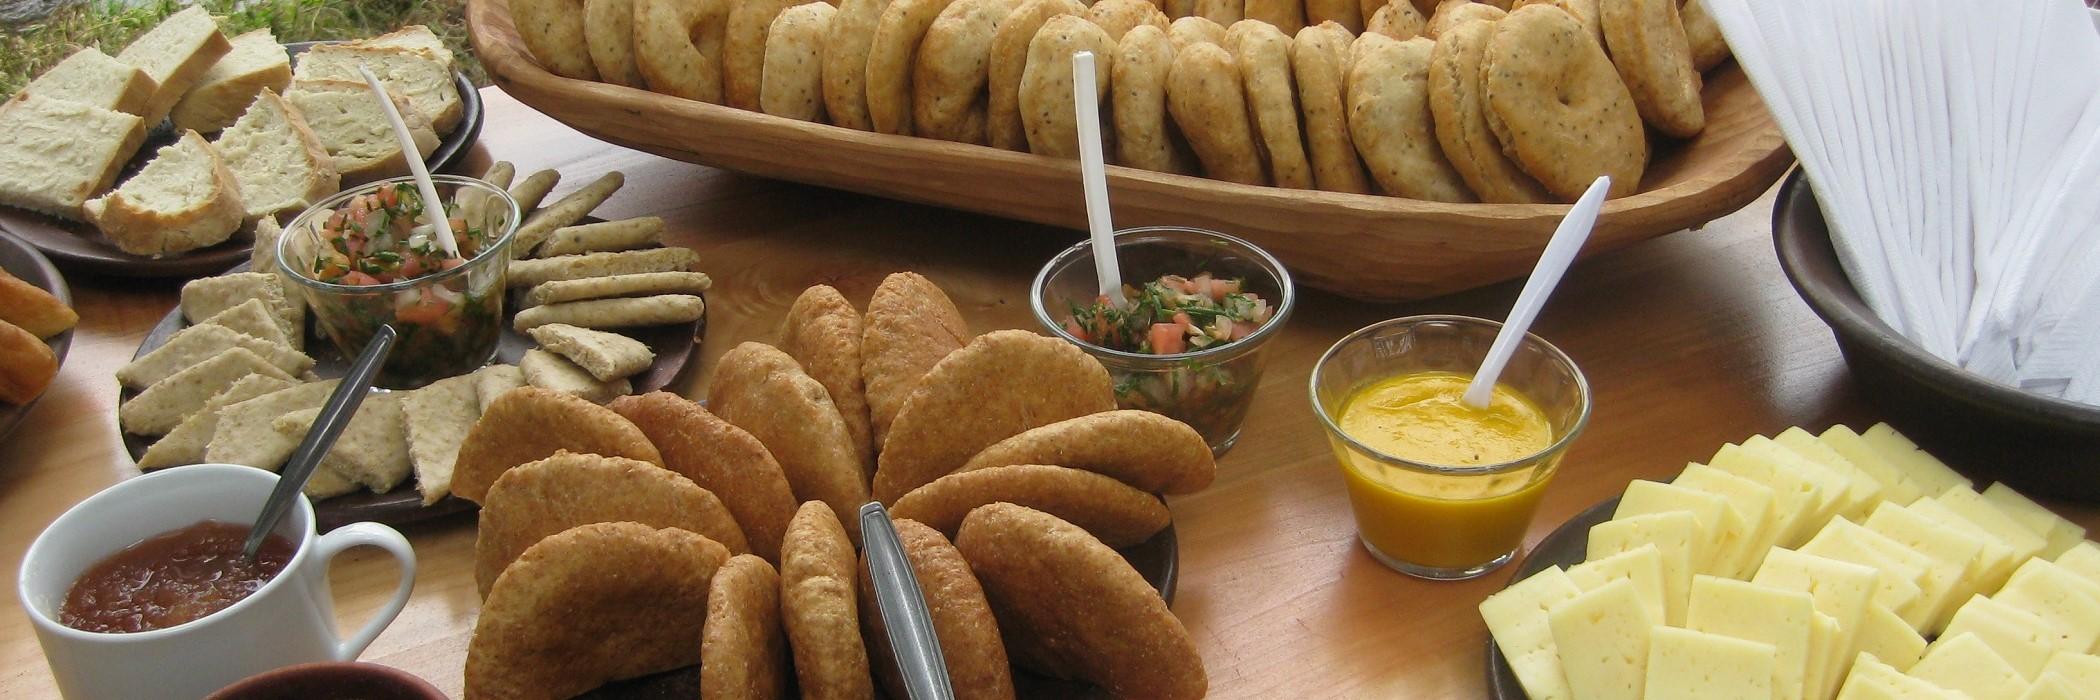 Coctel alimentos cocina mapuche